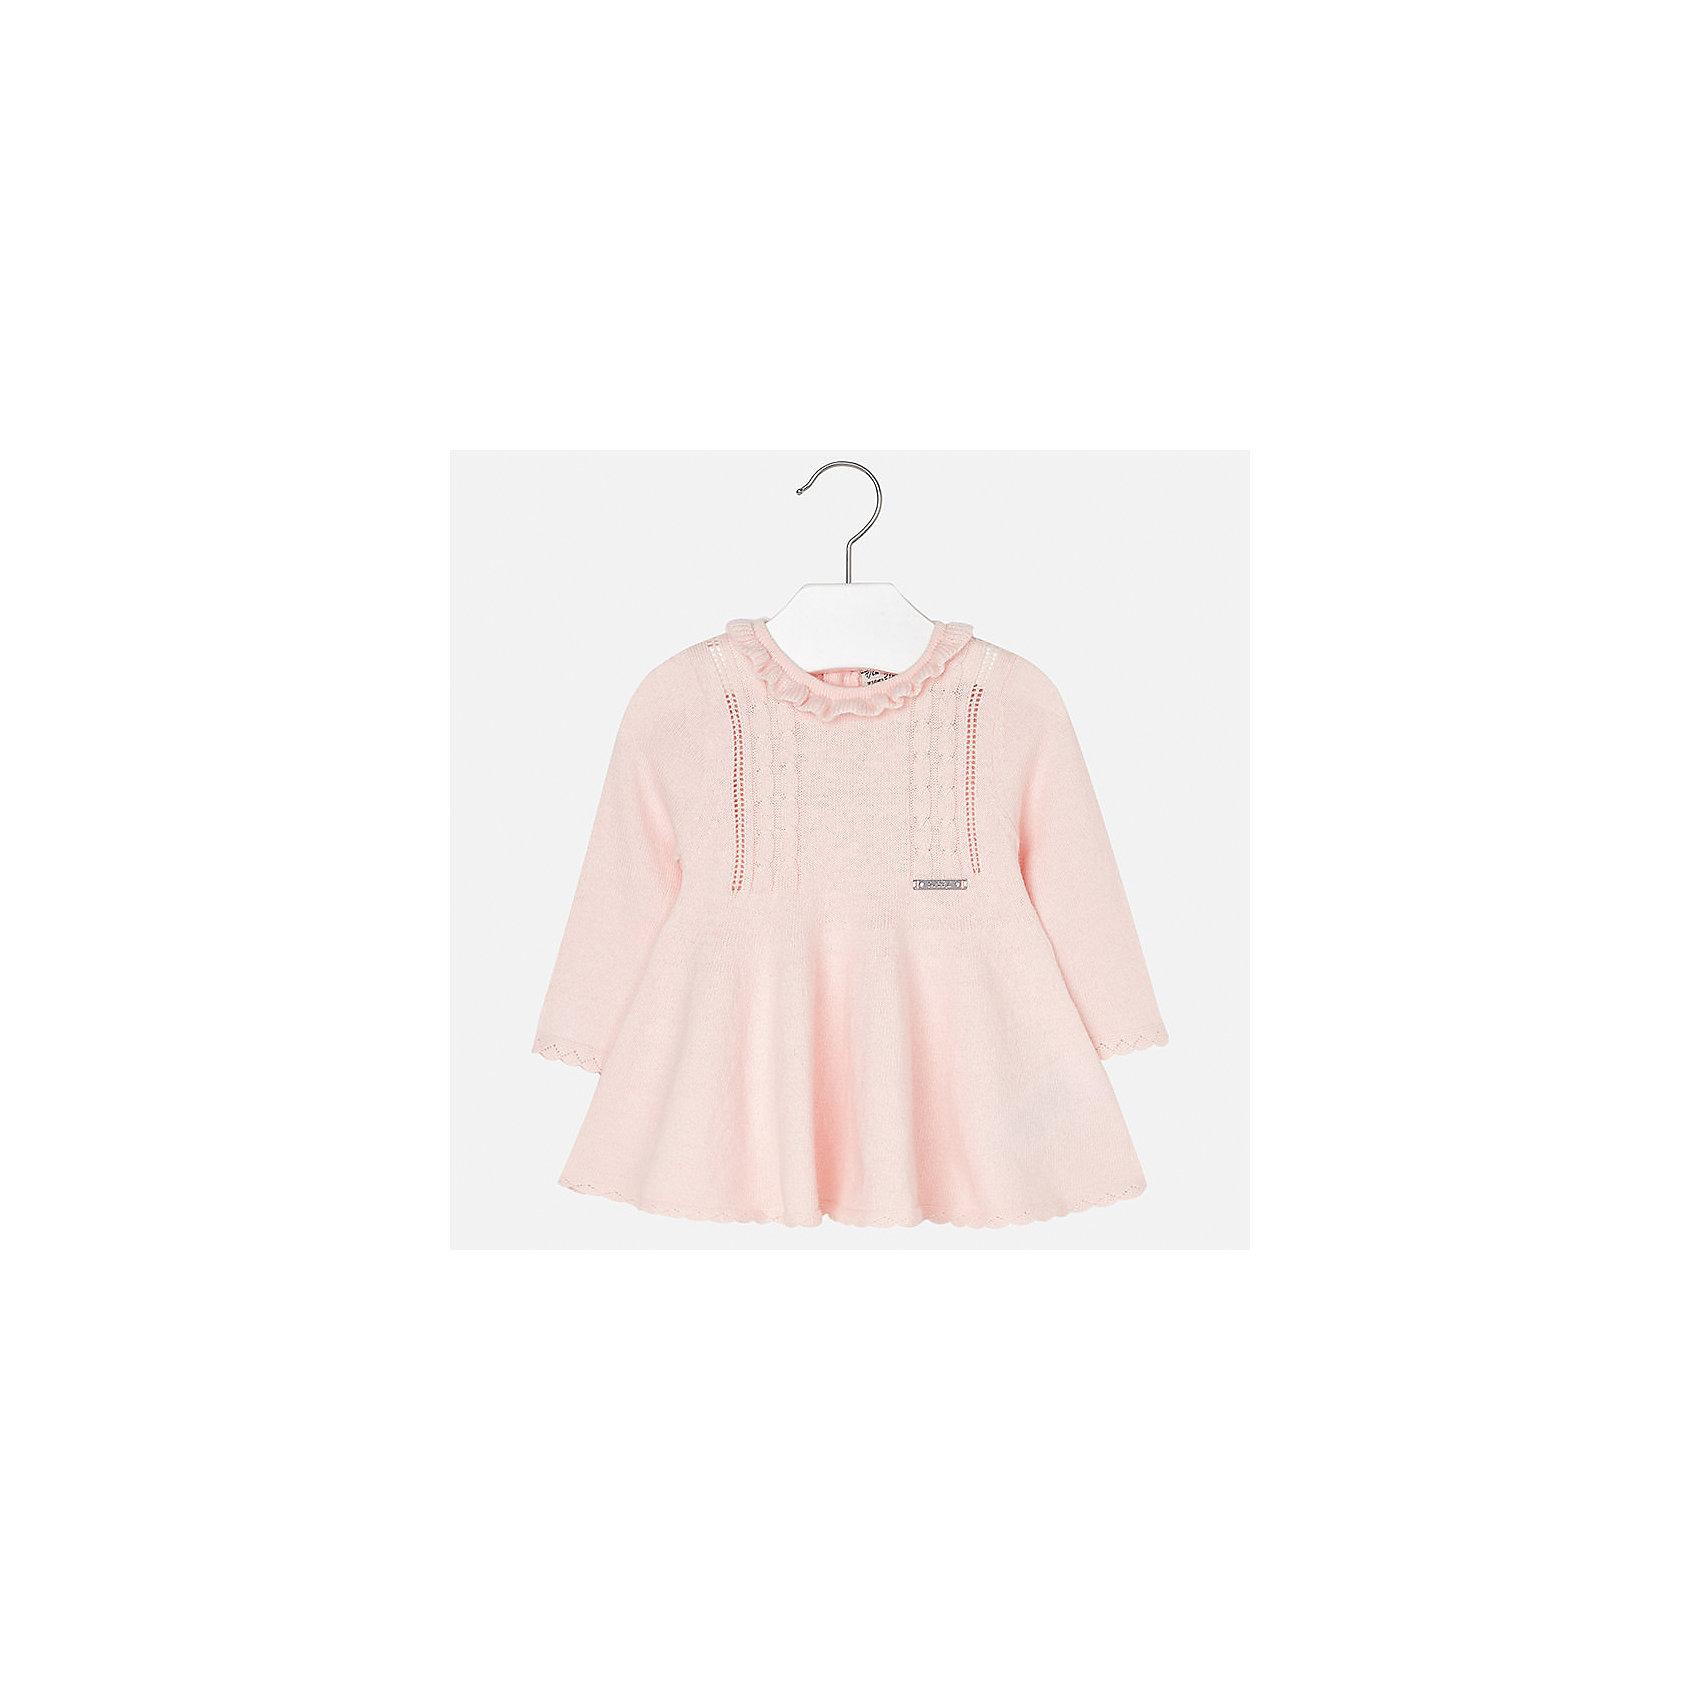 Платье для девочки MayoralОсенне-зимние платья и сарафаны<br>Характеристики товара:<br><br>• цвет: розовый<br>• состав ткани: 60% хлопок, 30% полиамид, 10% ангора<br>• сезон: демисезон<br>• особенности: вязаный узор<br>• застежка: пуговицы<br>• длинные рукава<br>• страна бренда: Испания<br>• страна изготовитель: Индия<br><br>Вязаное детское платье отличается модным дизайном. В платье для девочки от испанской компании Майорал ребенок будет выглядеть модно, а чувствовать себя - комфортно. Красивое платье для девочки от Майорал подарит ребенку комфорт. <br><br>Платье для девочки Mayoral (Майорал) можно купить в нашем интернет-магазине.<br><br>Ширина мм: 236<br>Глубина мм: 16<br>Высота мм: 184<br>Вес г: 177<br>Цвет: розовый<br>Возраст от месяцев: 24<br>Возраст до месяцев: 36<br>Пол: Женский<br>Возраст: Детский<br>Размер: 98,74,80,86,92<br>SKU: 6920741